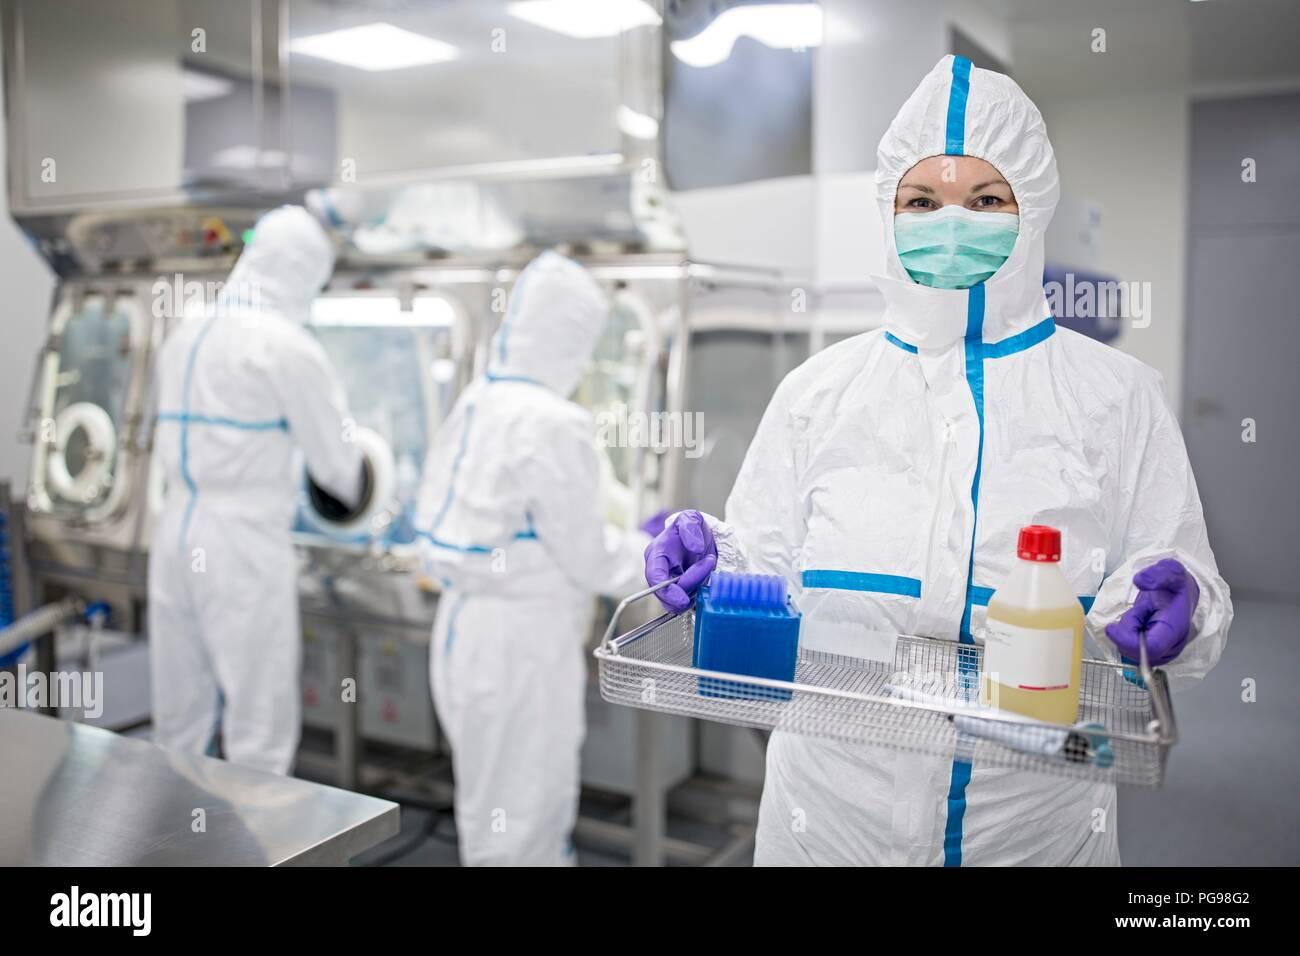 Techniker Ausrüstung, die in einem Labor, das menschliche Gewebe zur Implantation. In der Flasche ist die physiologische Lösung, die hilft, Zellen in vitro zu erhalten. Gewebe im Werk hergestellt werden Knochen und Haut. Stockbild